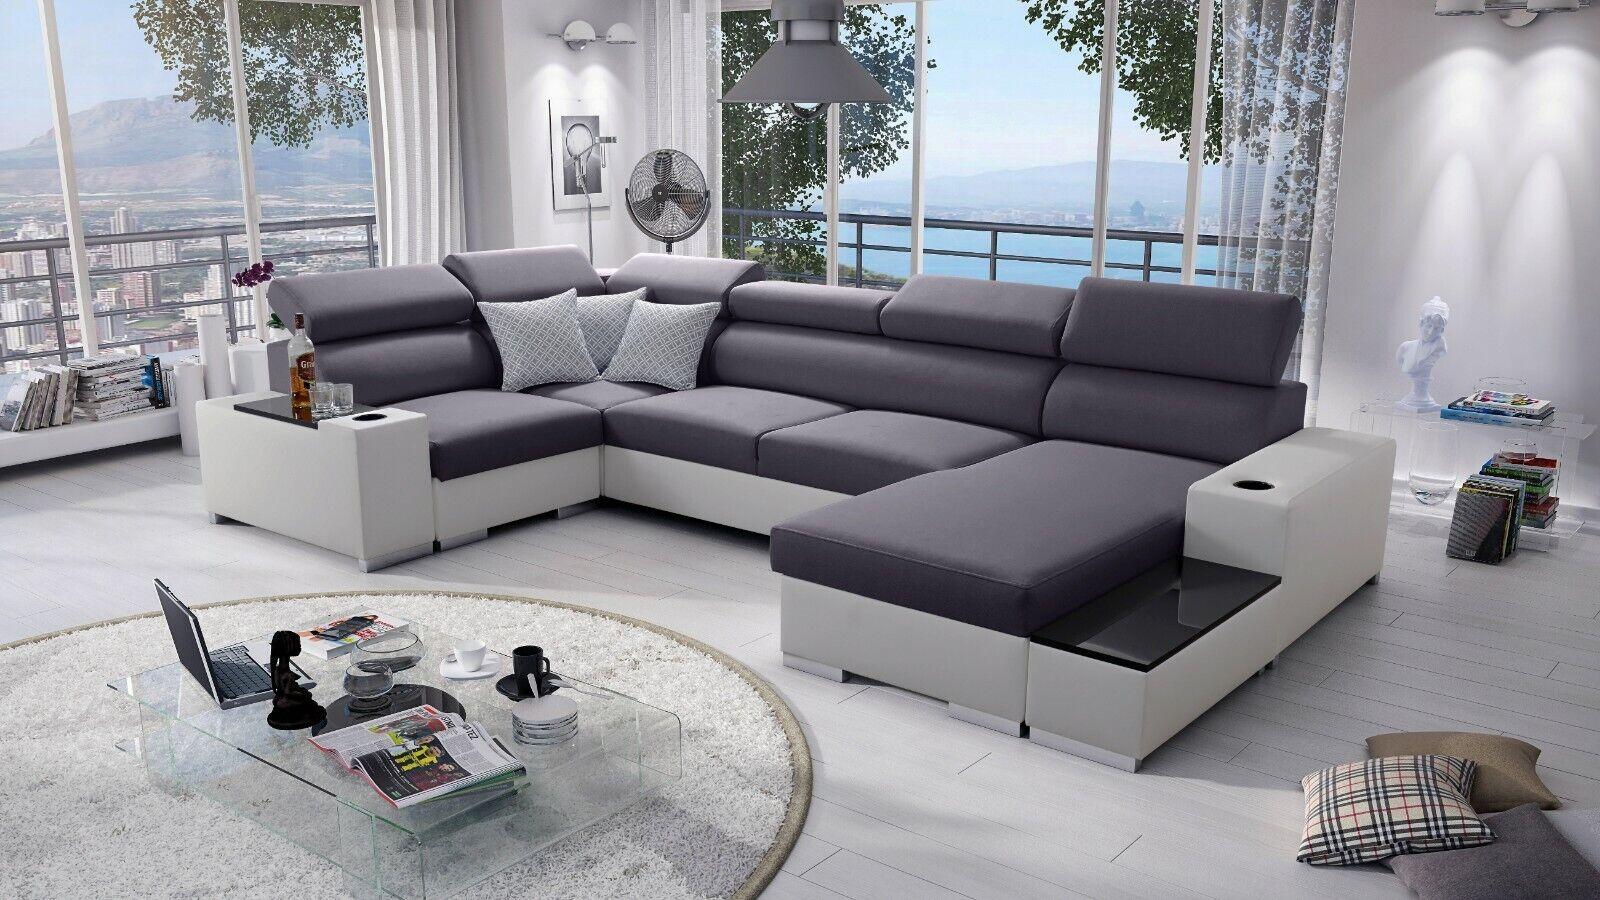 Ecksofa Passe mit Schlaffunktion Bettkasten Wohnlandschaft Gewebe Big Sofa XL 26